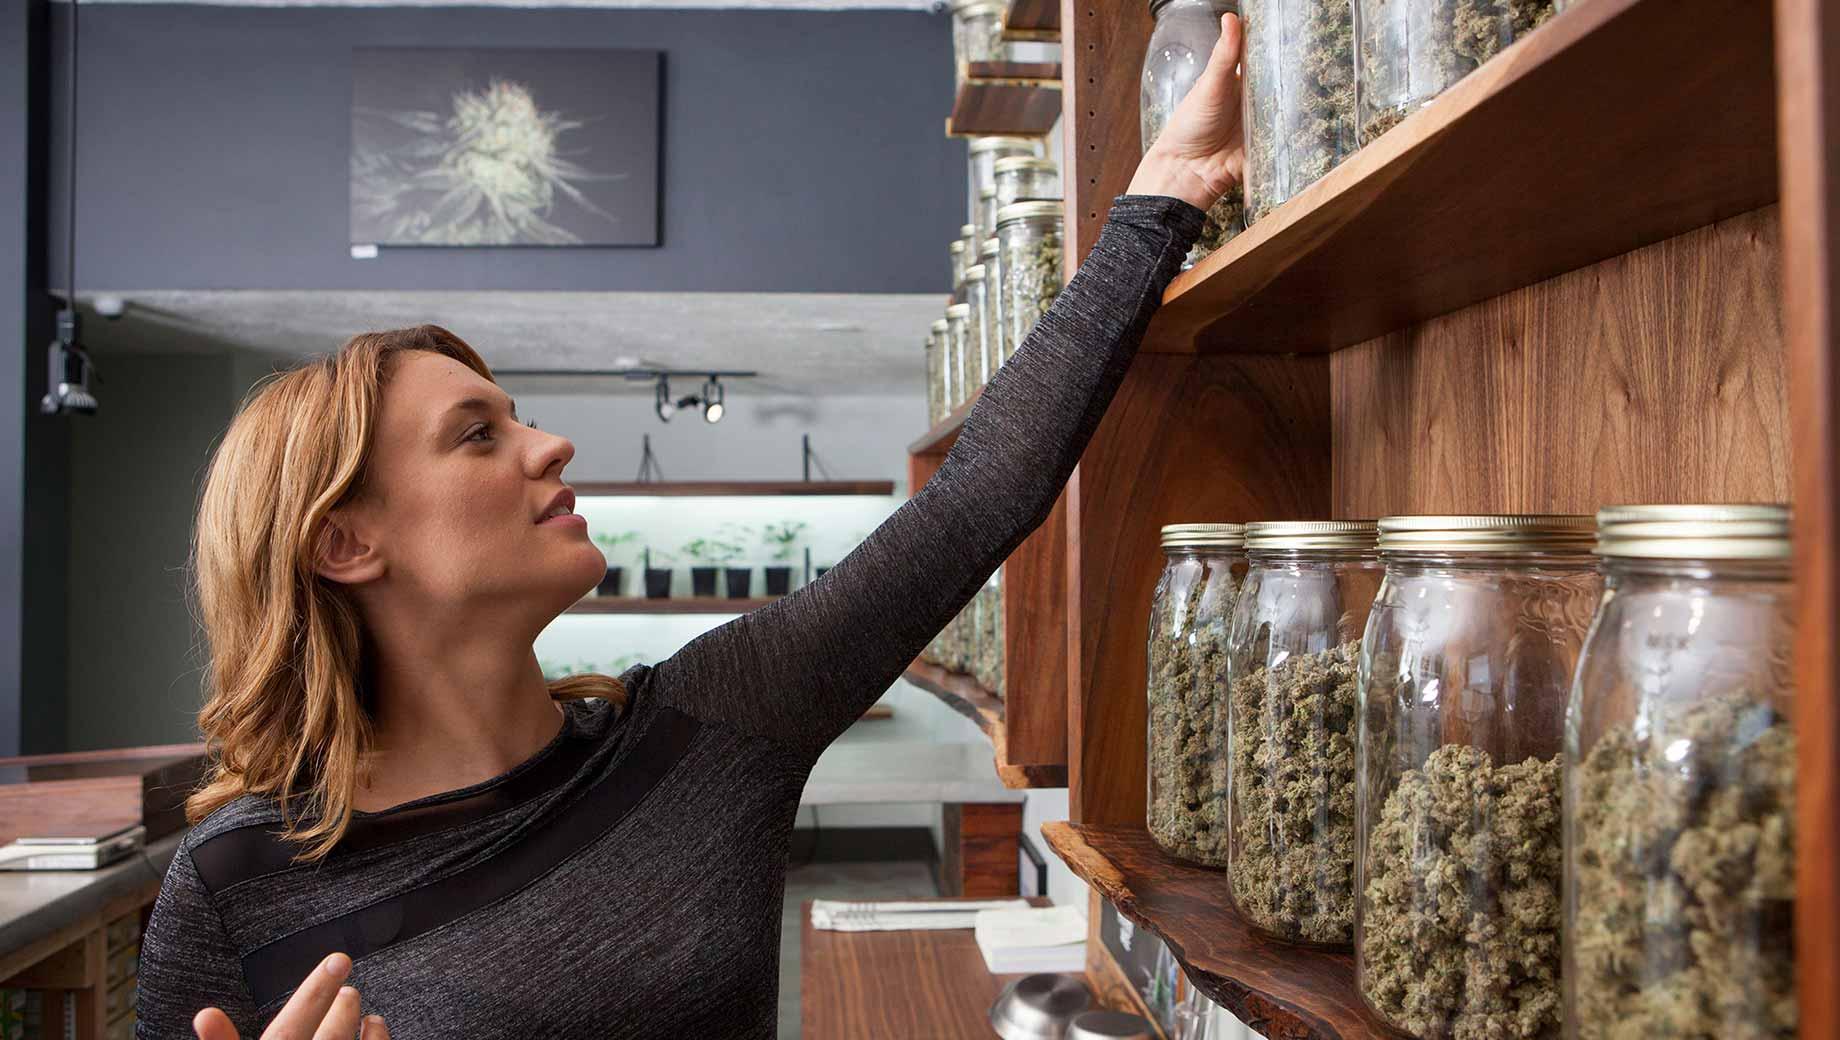 Prise en charge de la marijuana légale jusqu'à un nouveau sommet de 68%